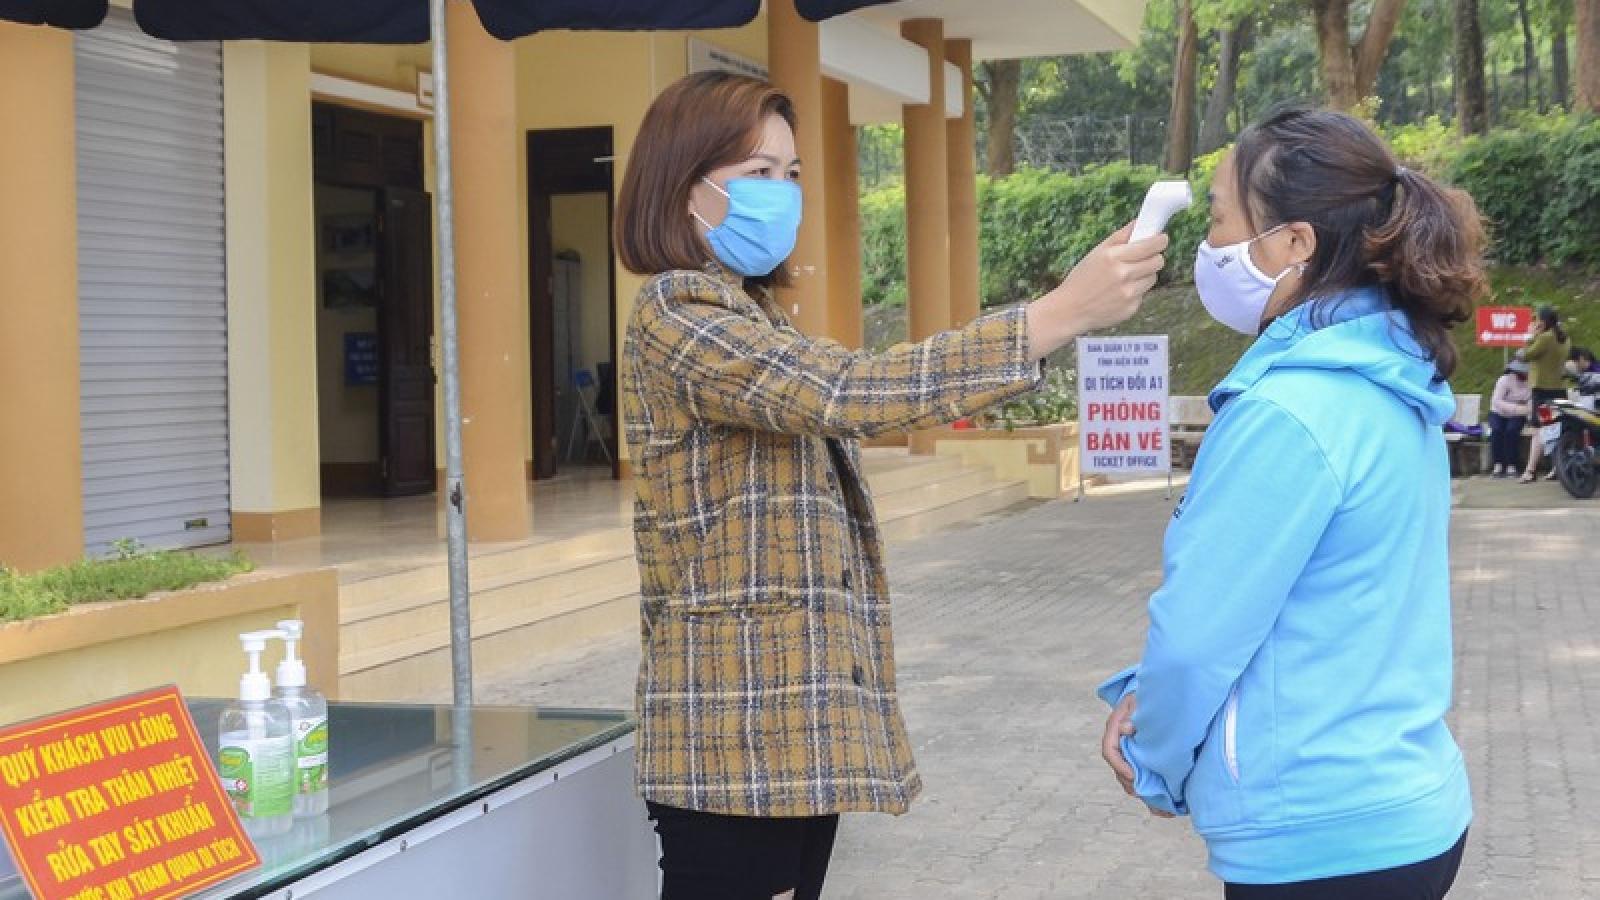 Điện Biên: Đảm bảo an toàn cho du khách tham quan dịp nghỉ lễ 30/4